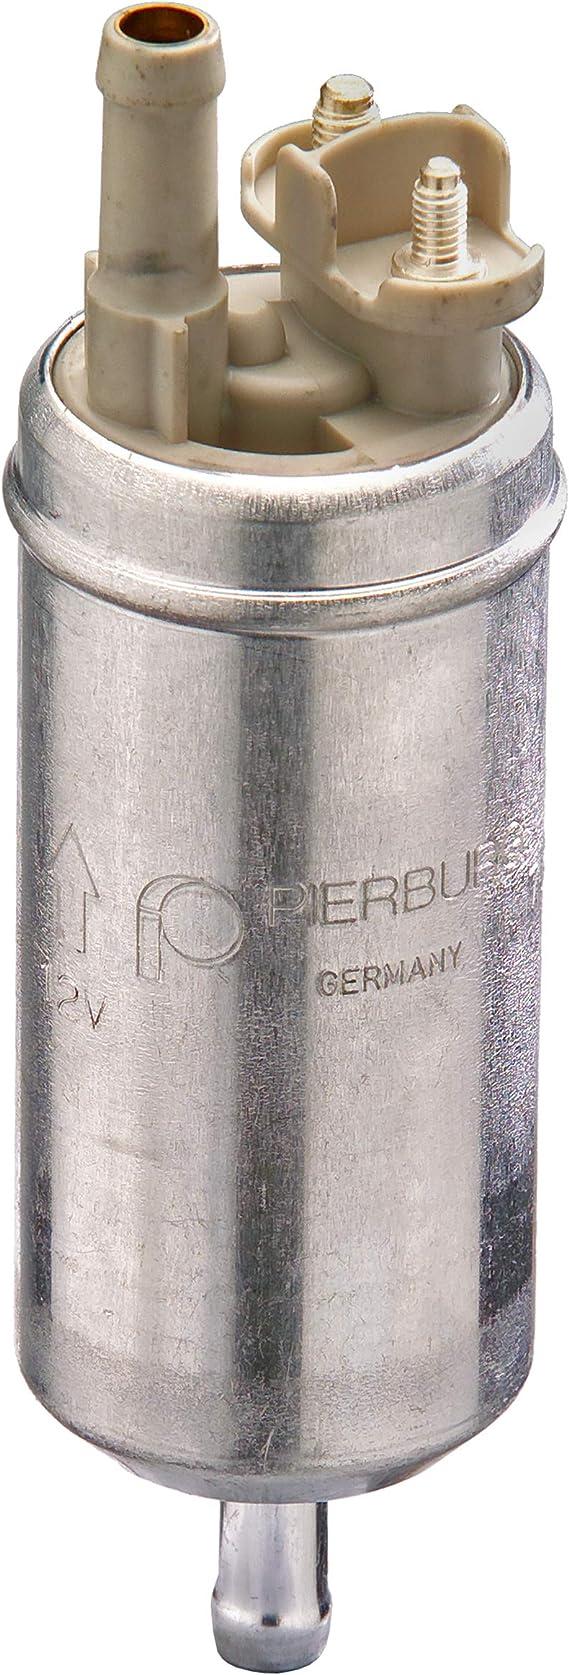 1 Kraftstoffpumpe PIERBURG 7.50116.50.0 passend für